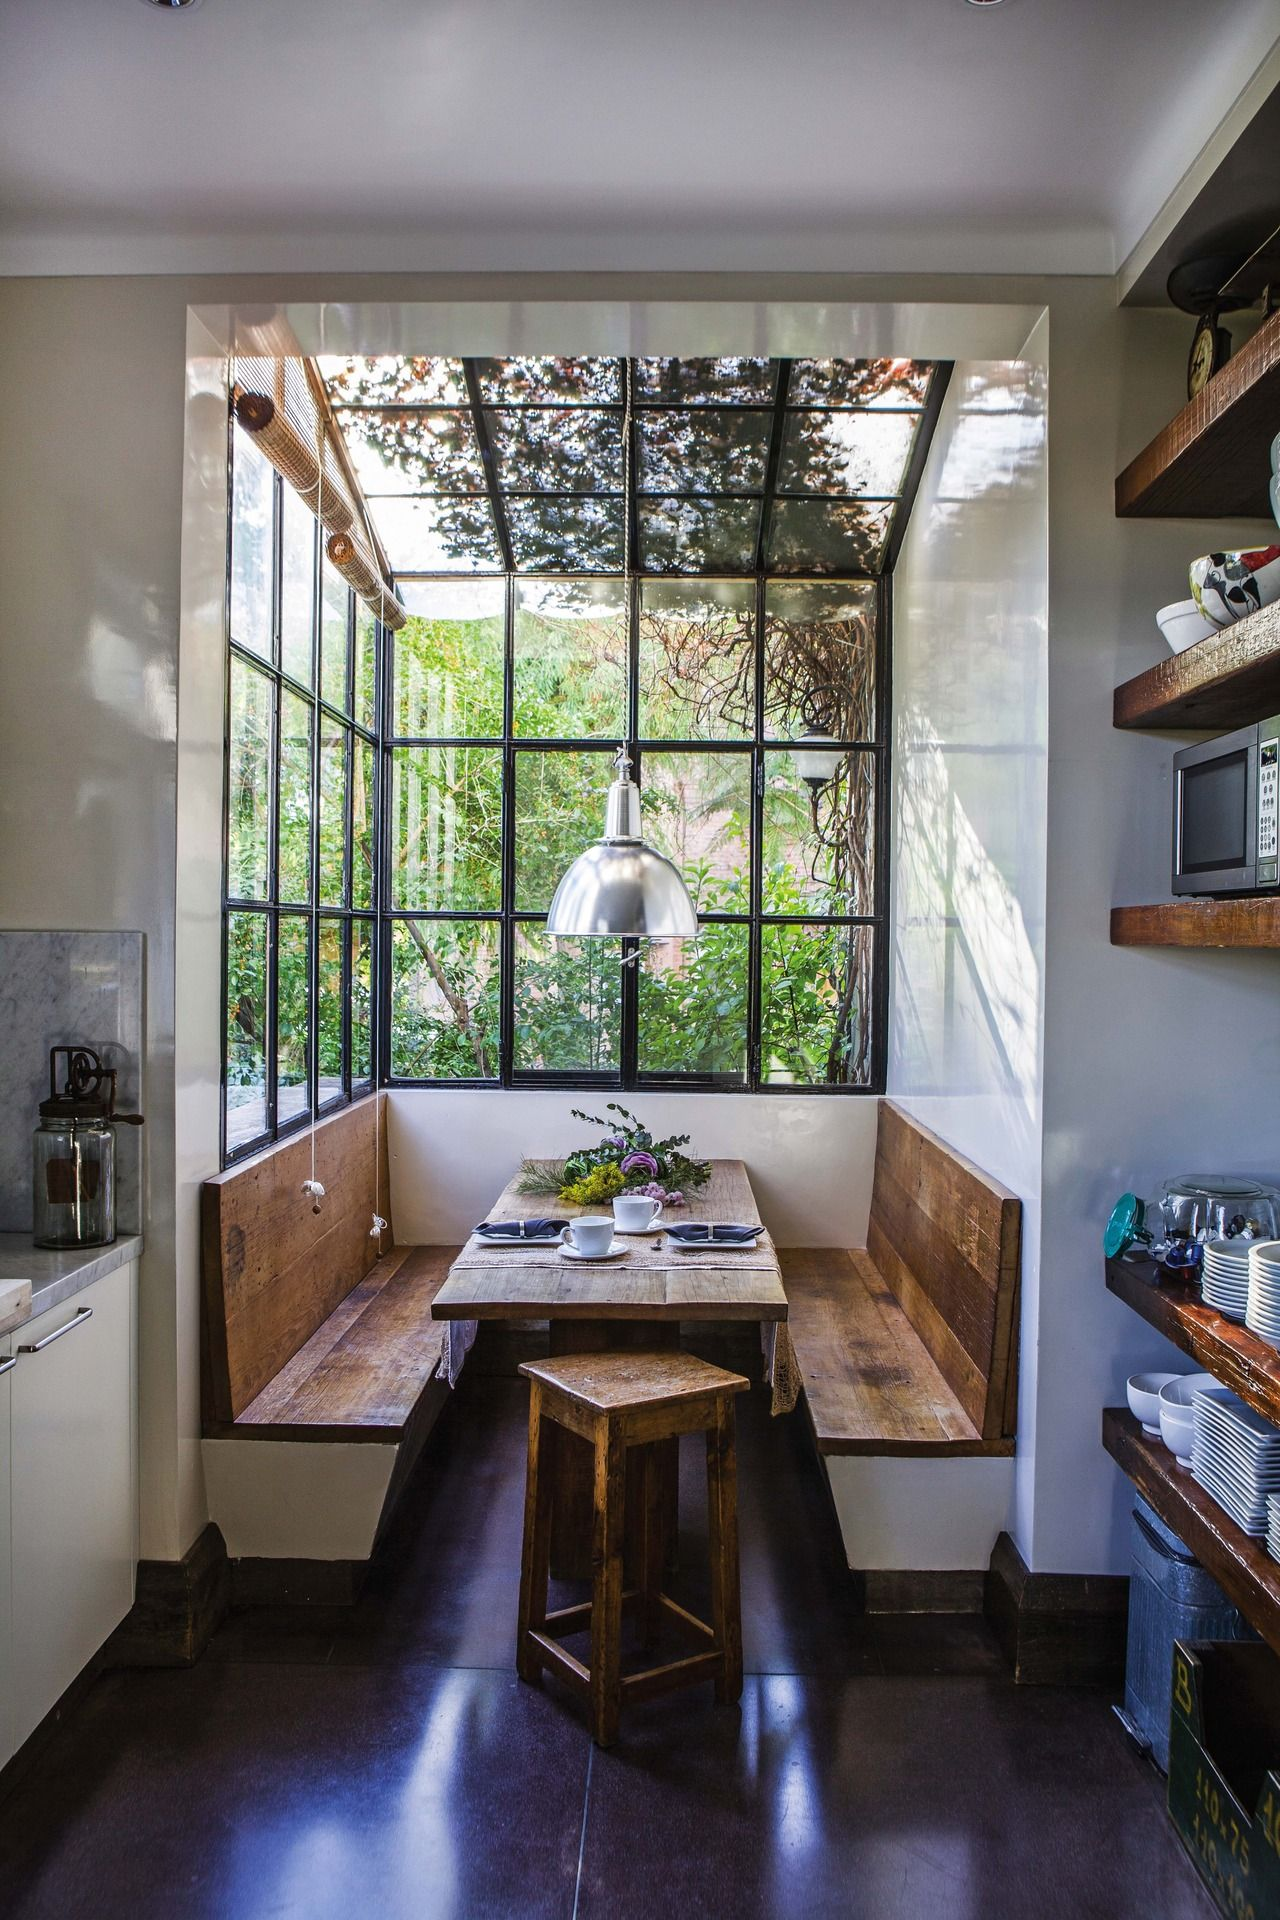 El comedor diario de esta casa en talar est integrado a for Comedor diario decoracion